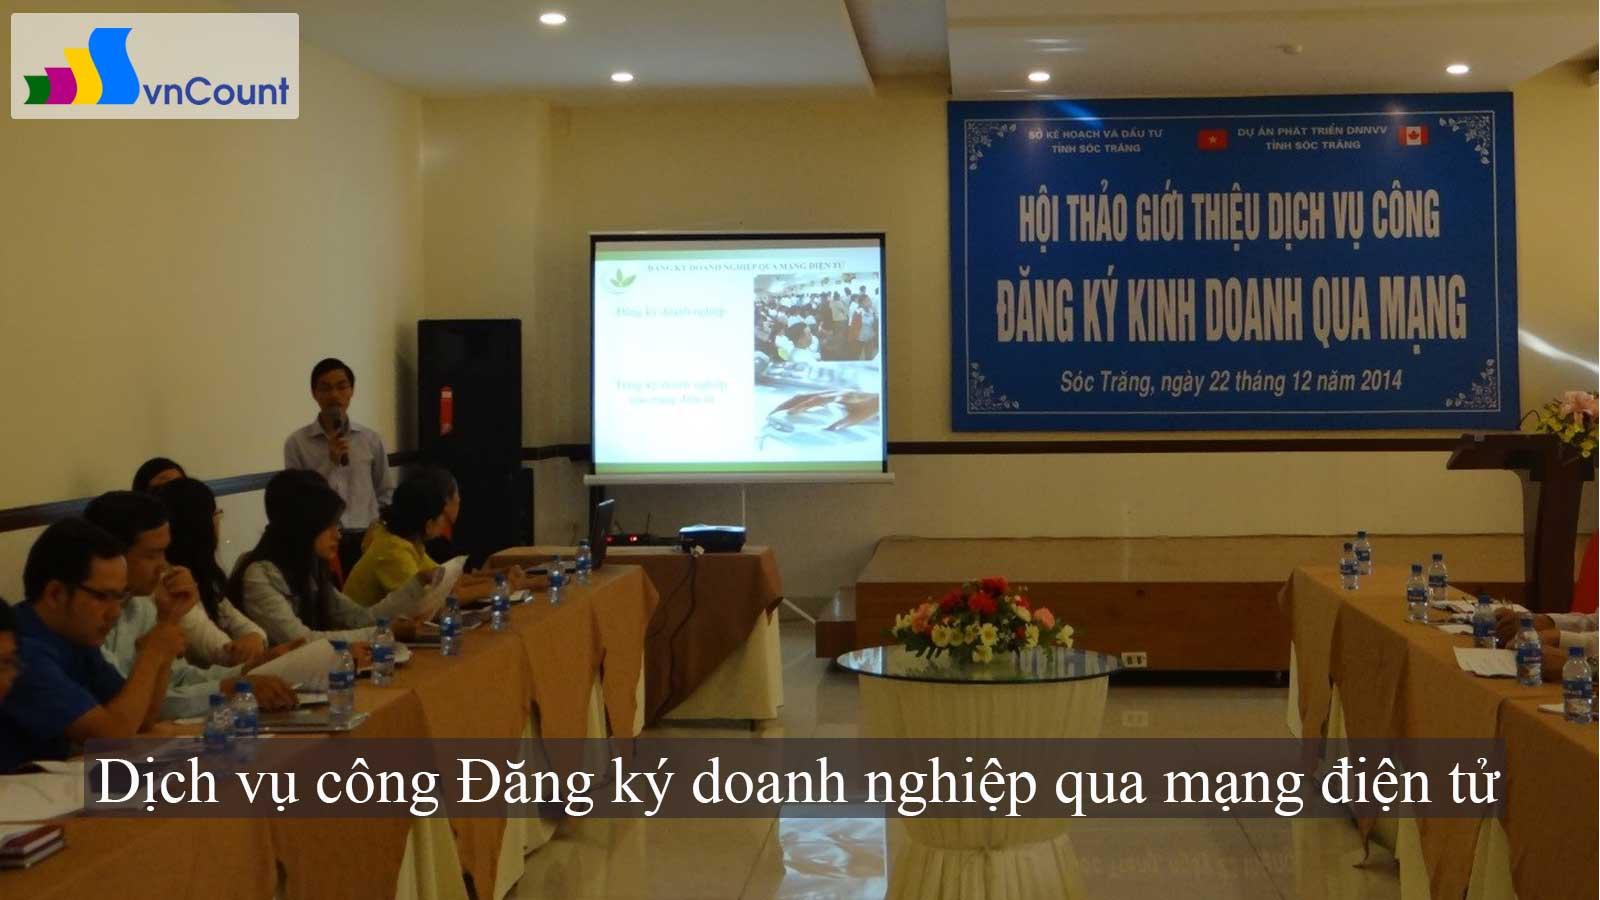 dịch vụ công đăng ký doanh nghiệp qua mạng điện tử tại Sóc Trăng